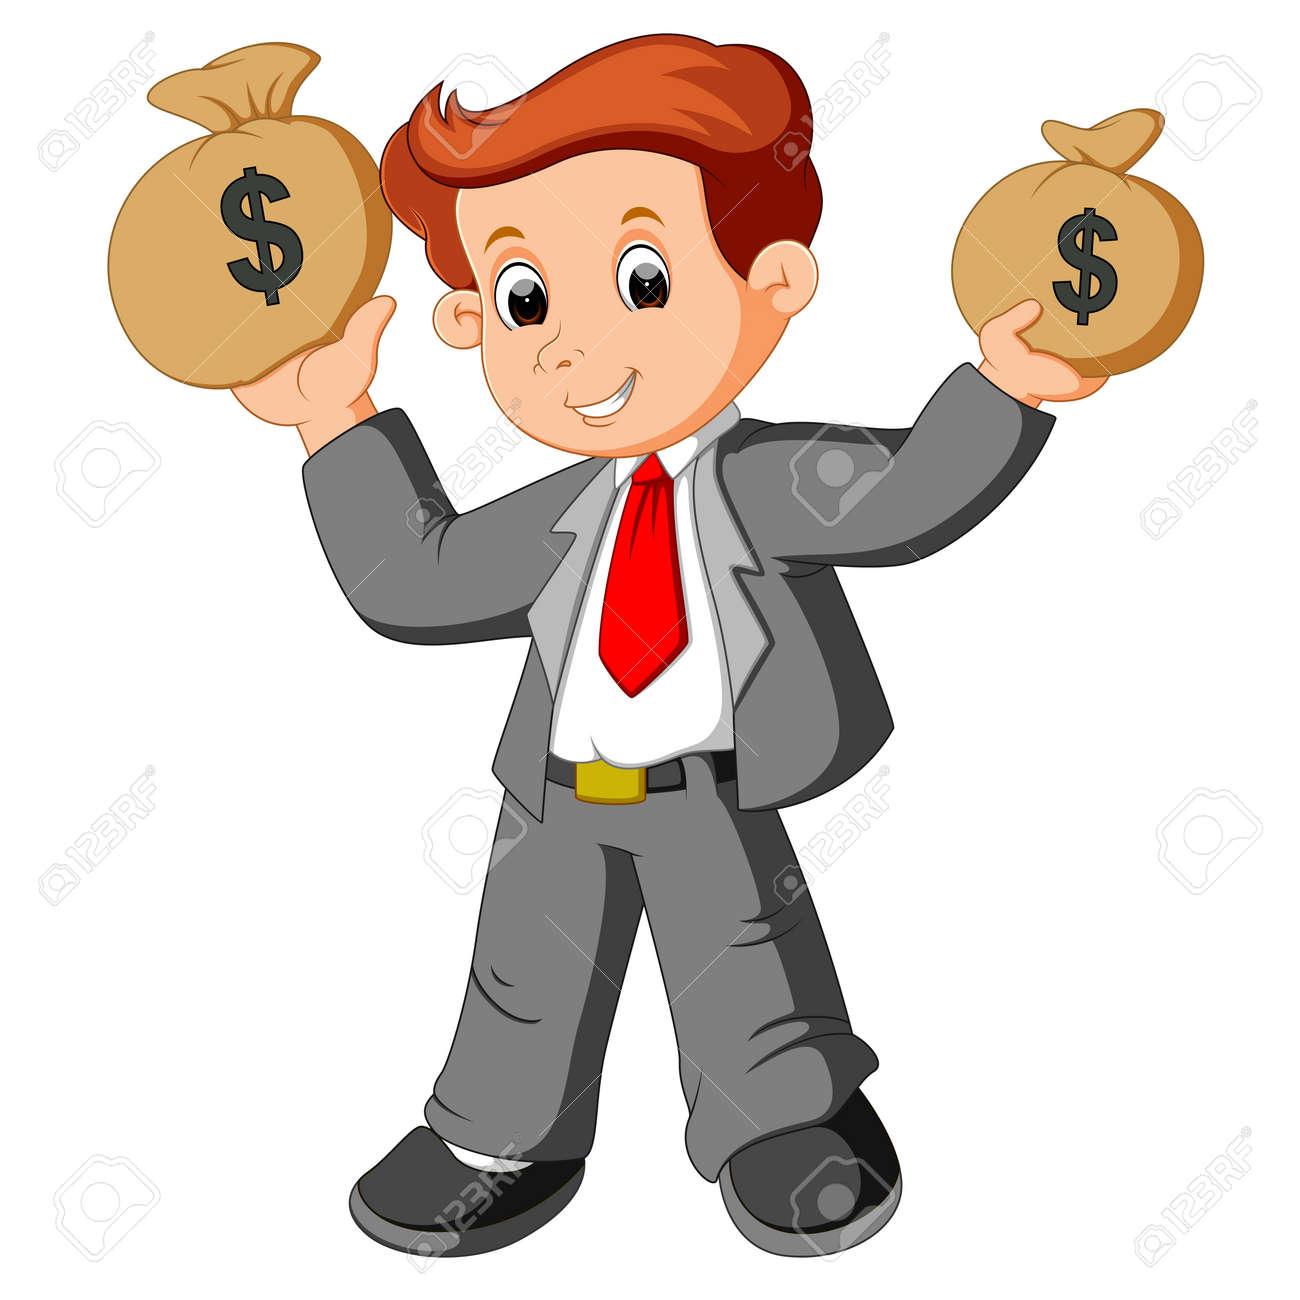 Kids Holding Money Stock Illustrations – 221 Kids Holding Money Stock  Illustrations, Vectors & Clipart - Dreamstime